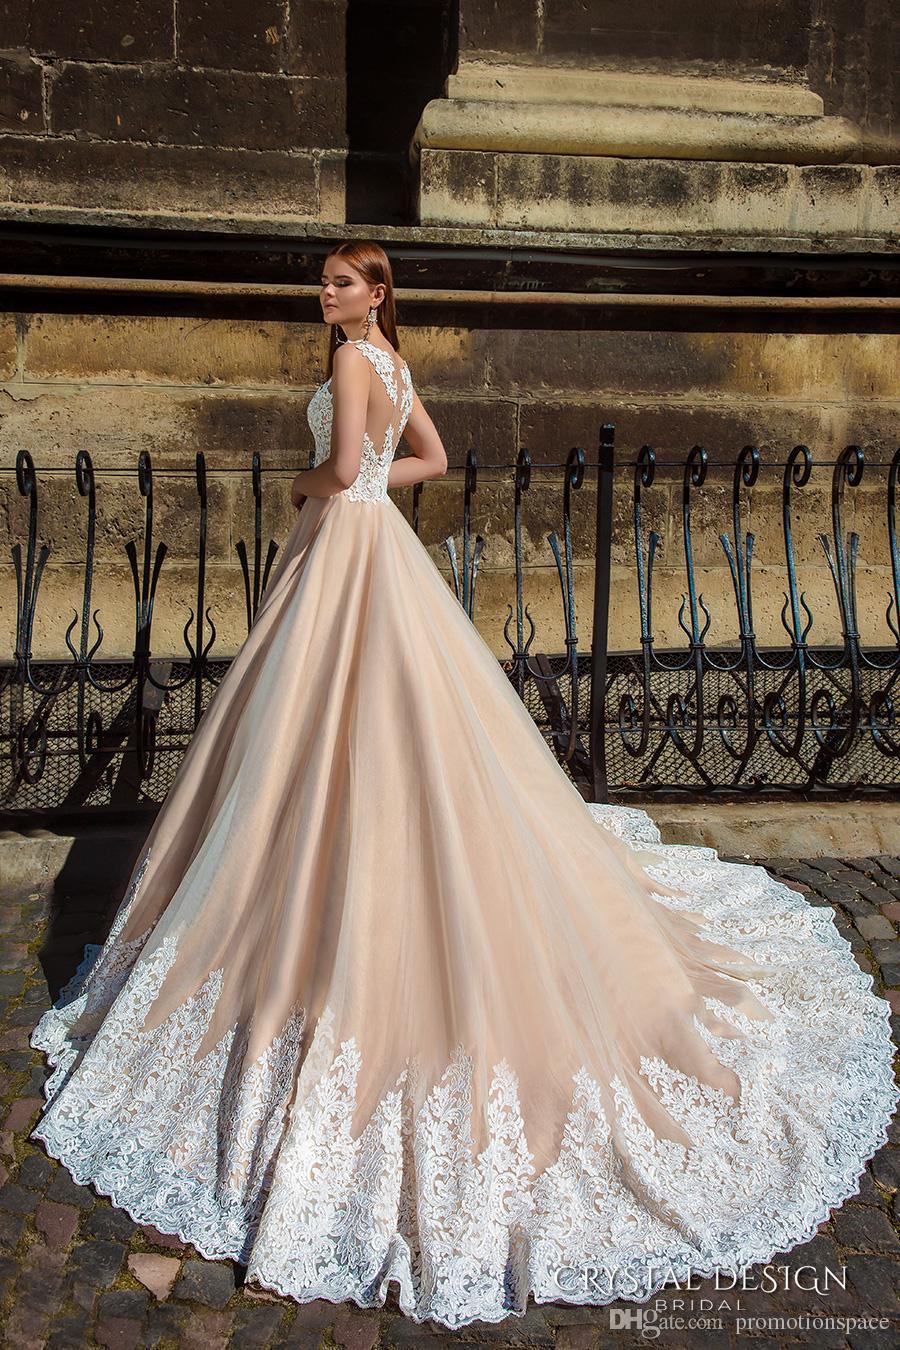 우아한 2016 컨트리 스타일 샴페인 웨딩 드레스 깎아 지른 목에 아이 보어 레이스 Appliqued 법원 기차 신부 가운